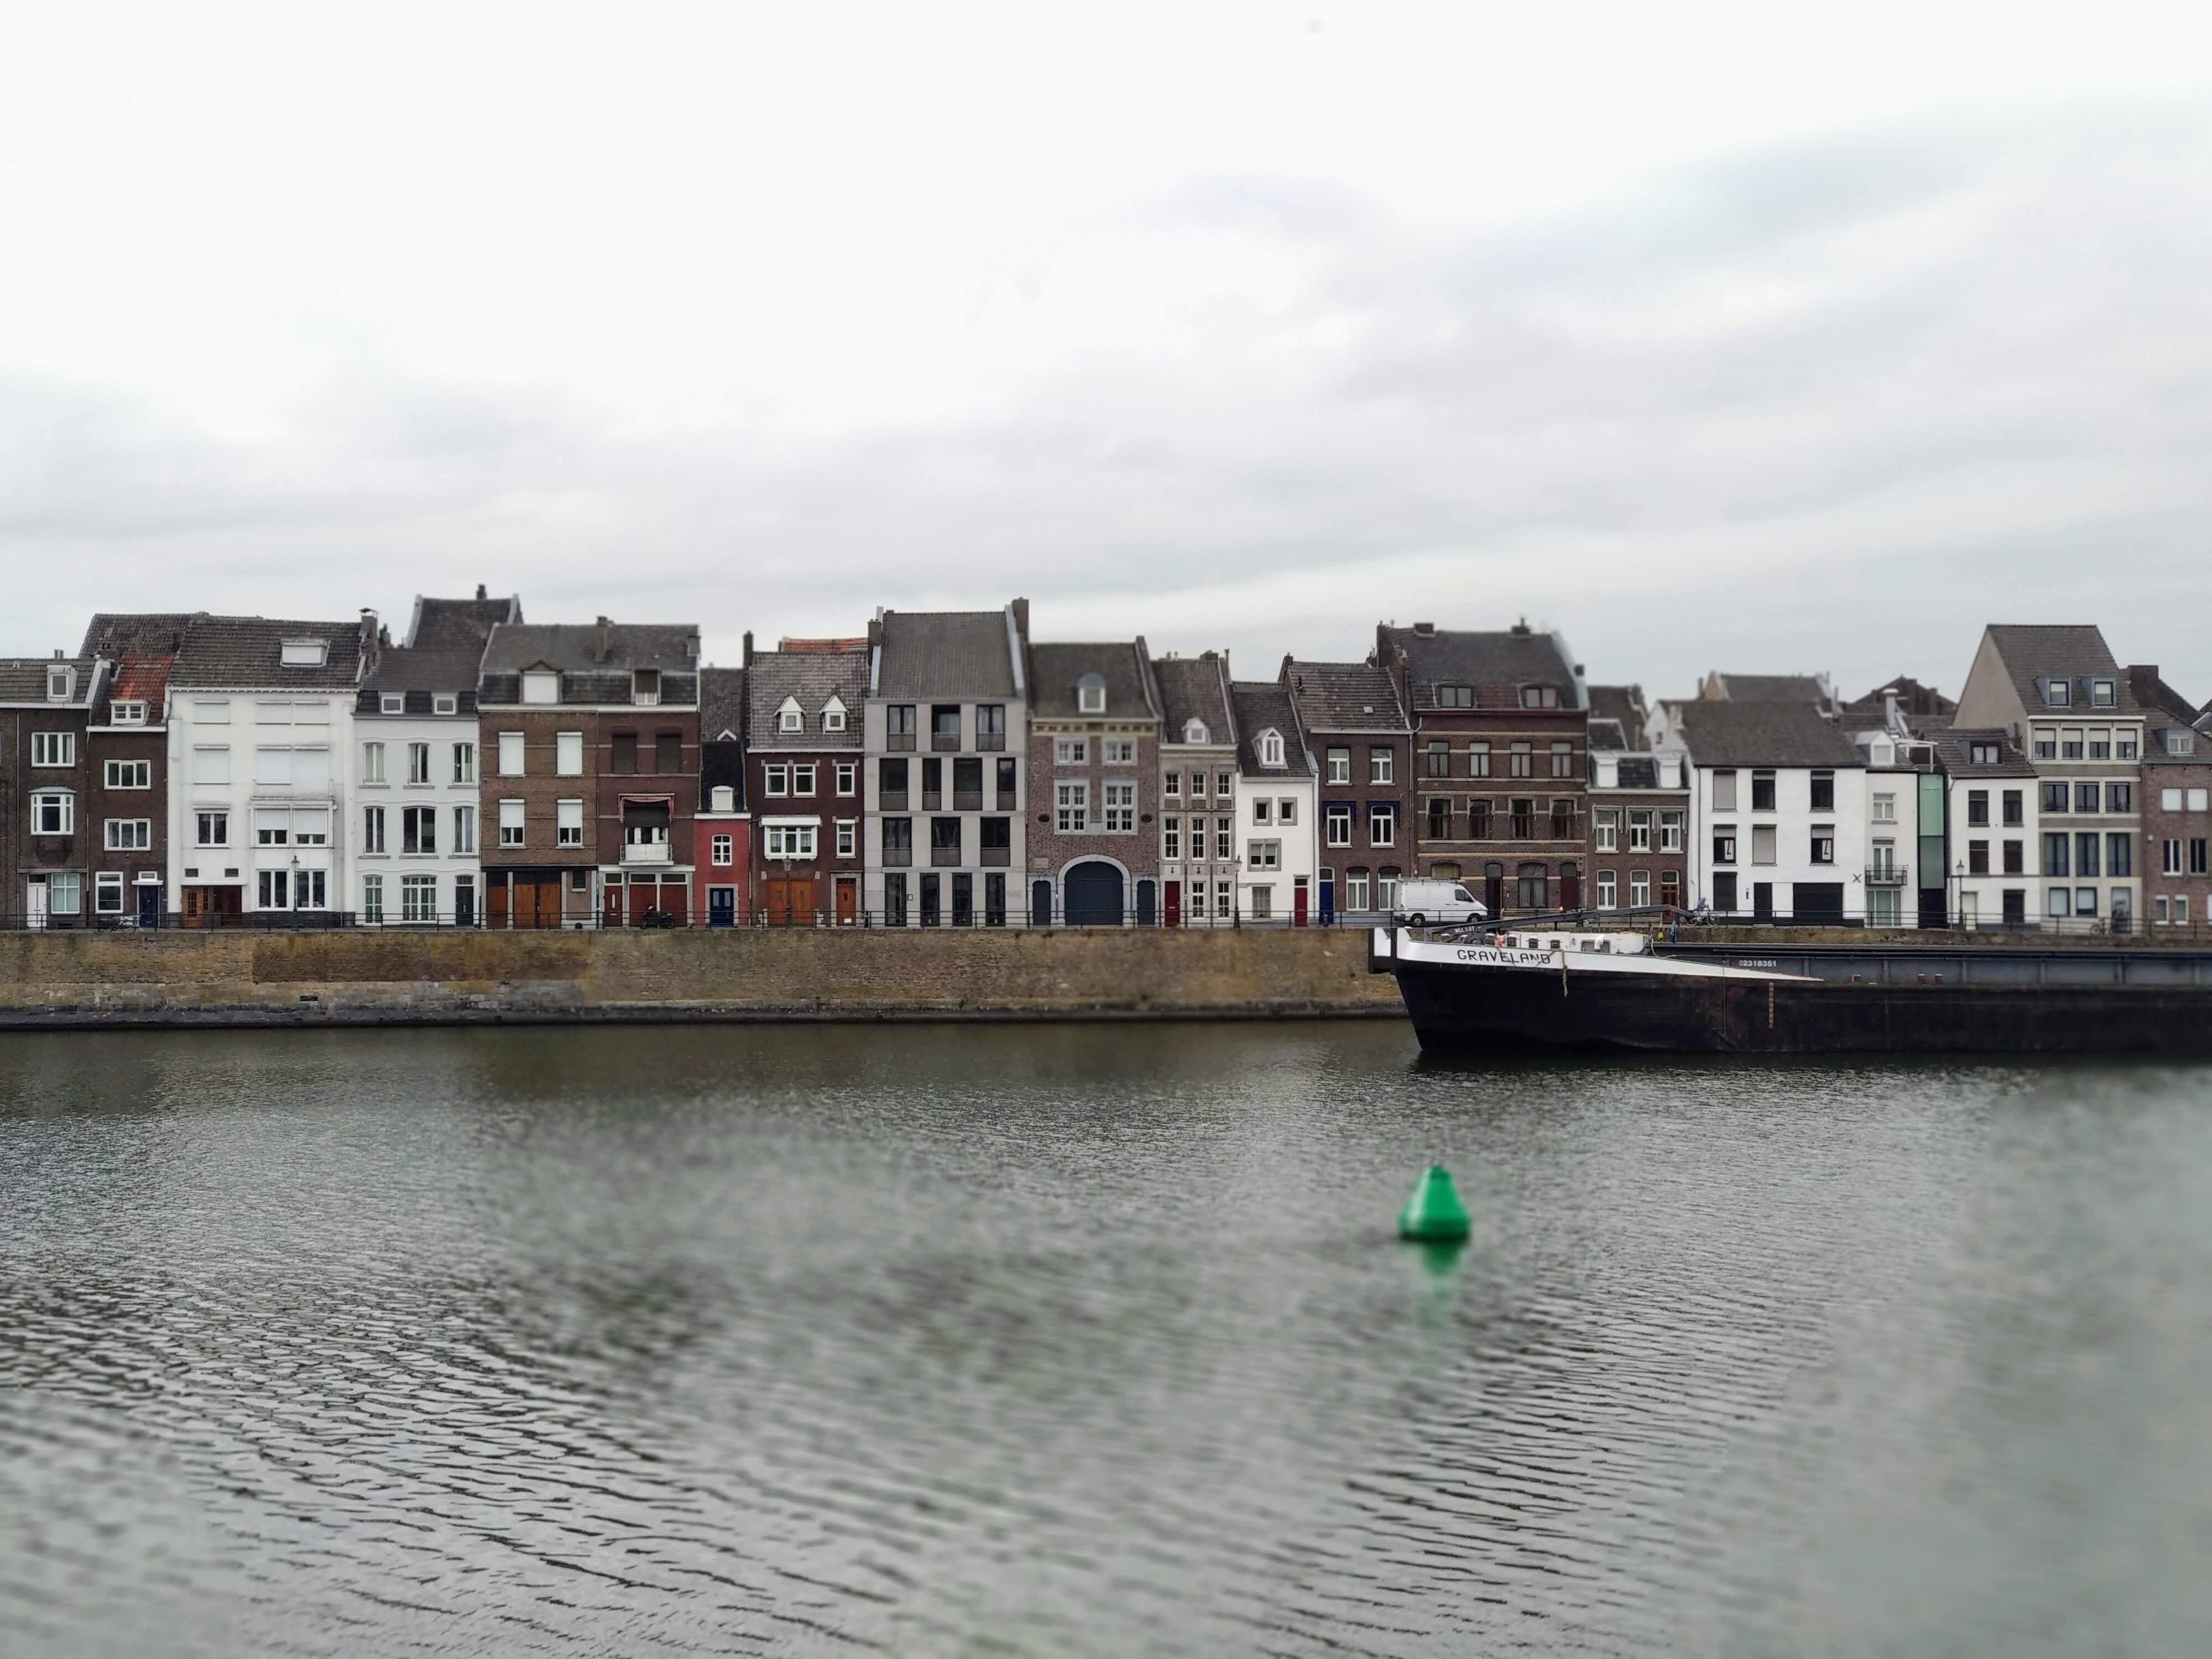 Der Fluss ist das Maas und dieser bringt uns denn auch stromaufwärts schnell nach Belgien.